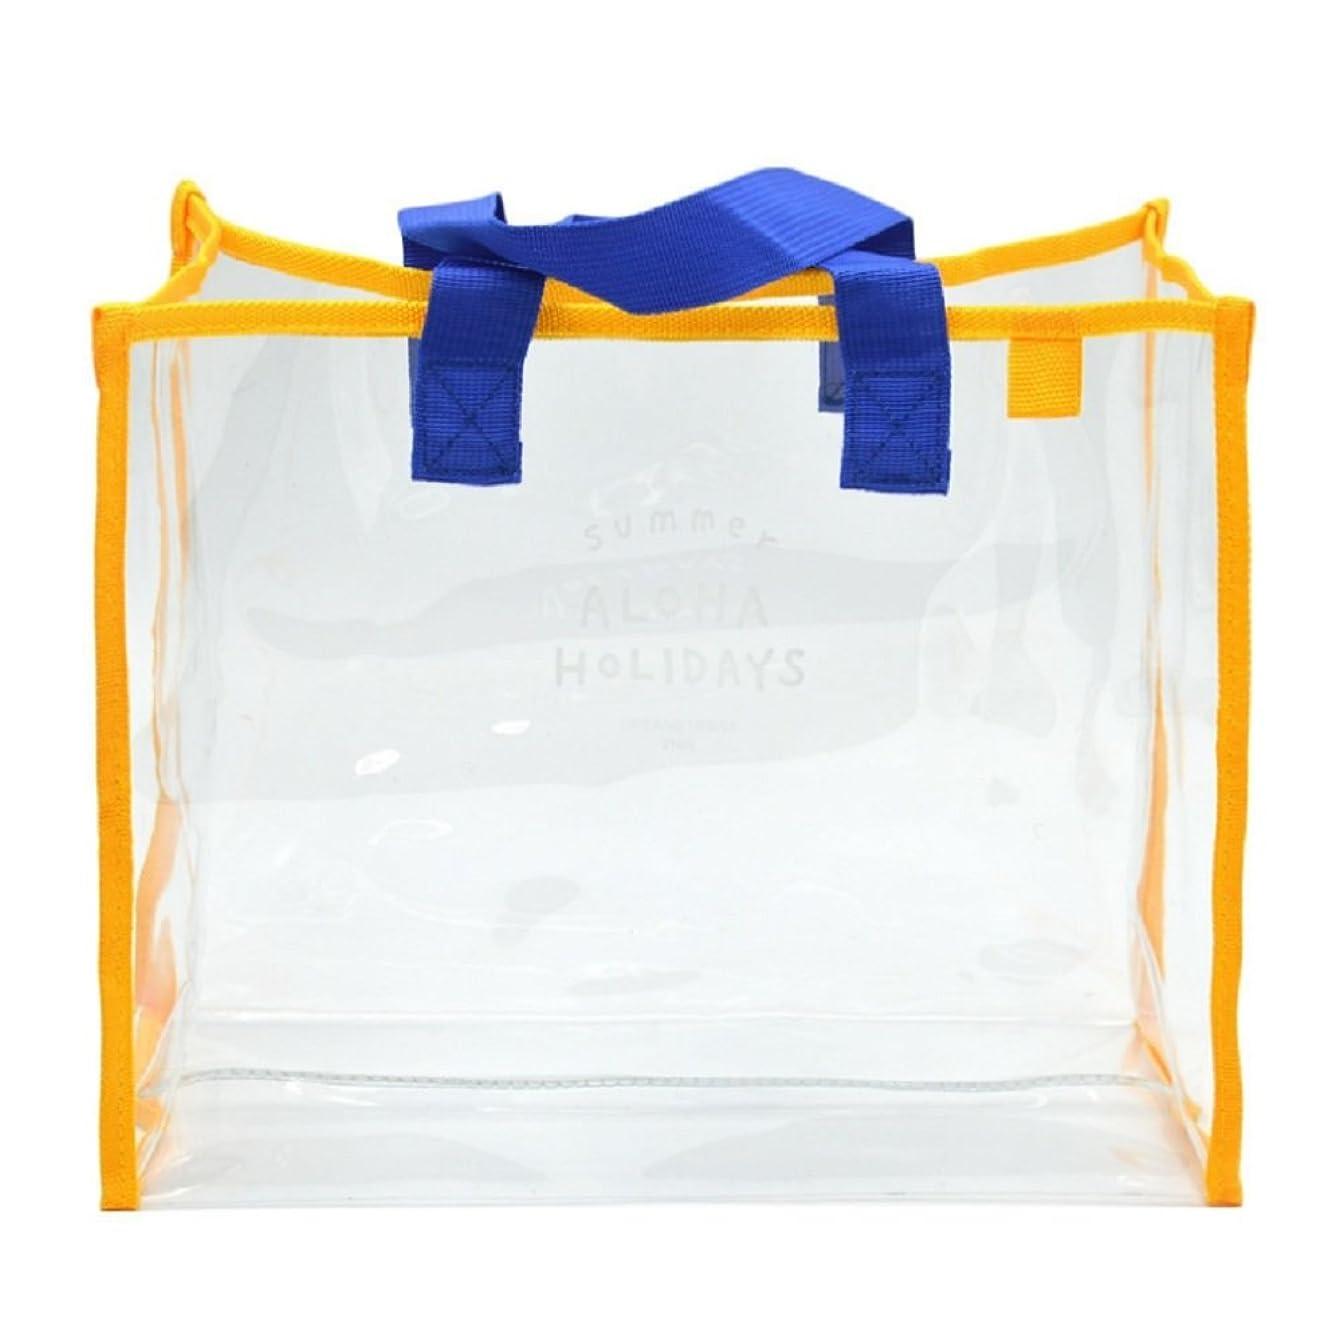 首尾一貫したインゲンフォルダ[セイヤインターナショナル] ビニールバッグ 透明 大容量 プールバッグ 水泳 アウトドア クリアバッグ